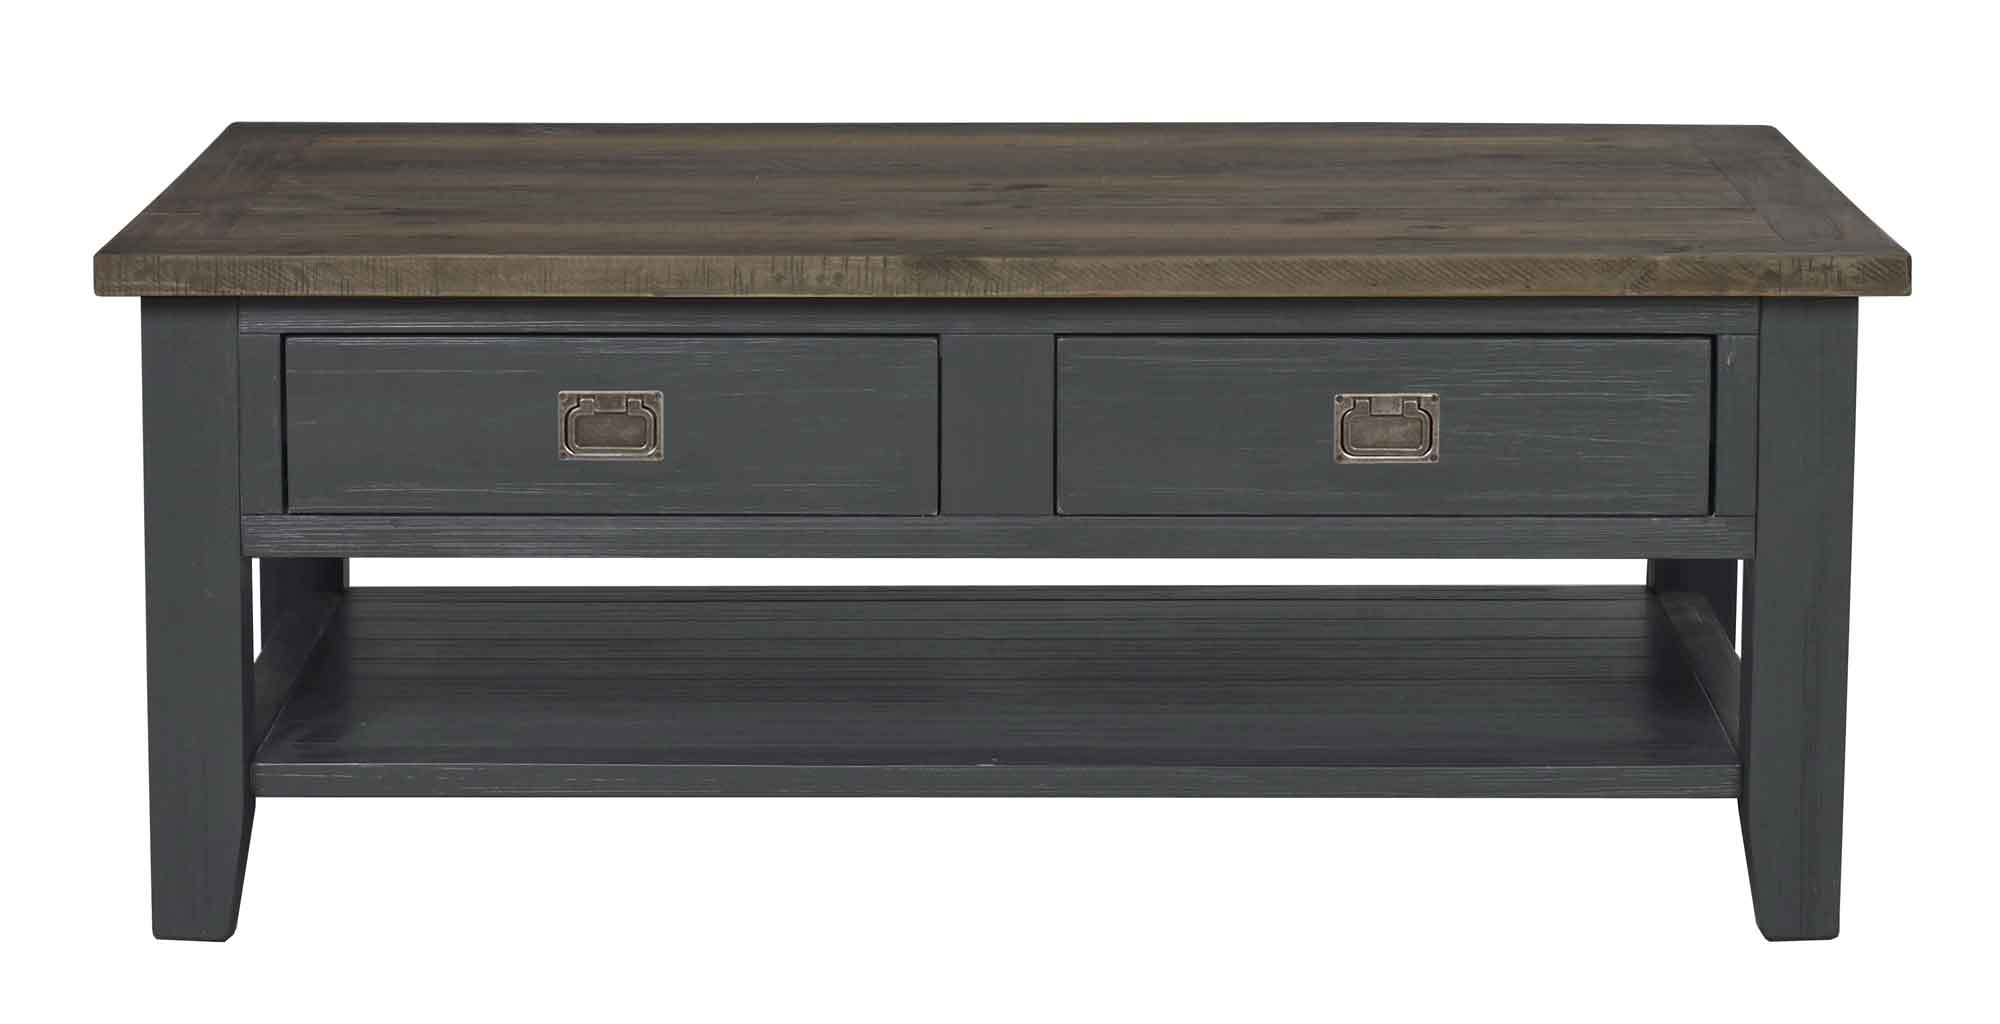 Nottingham sofabord - brun/grå m. 2 skuffer og 1 hylde